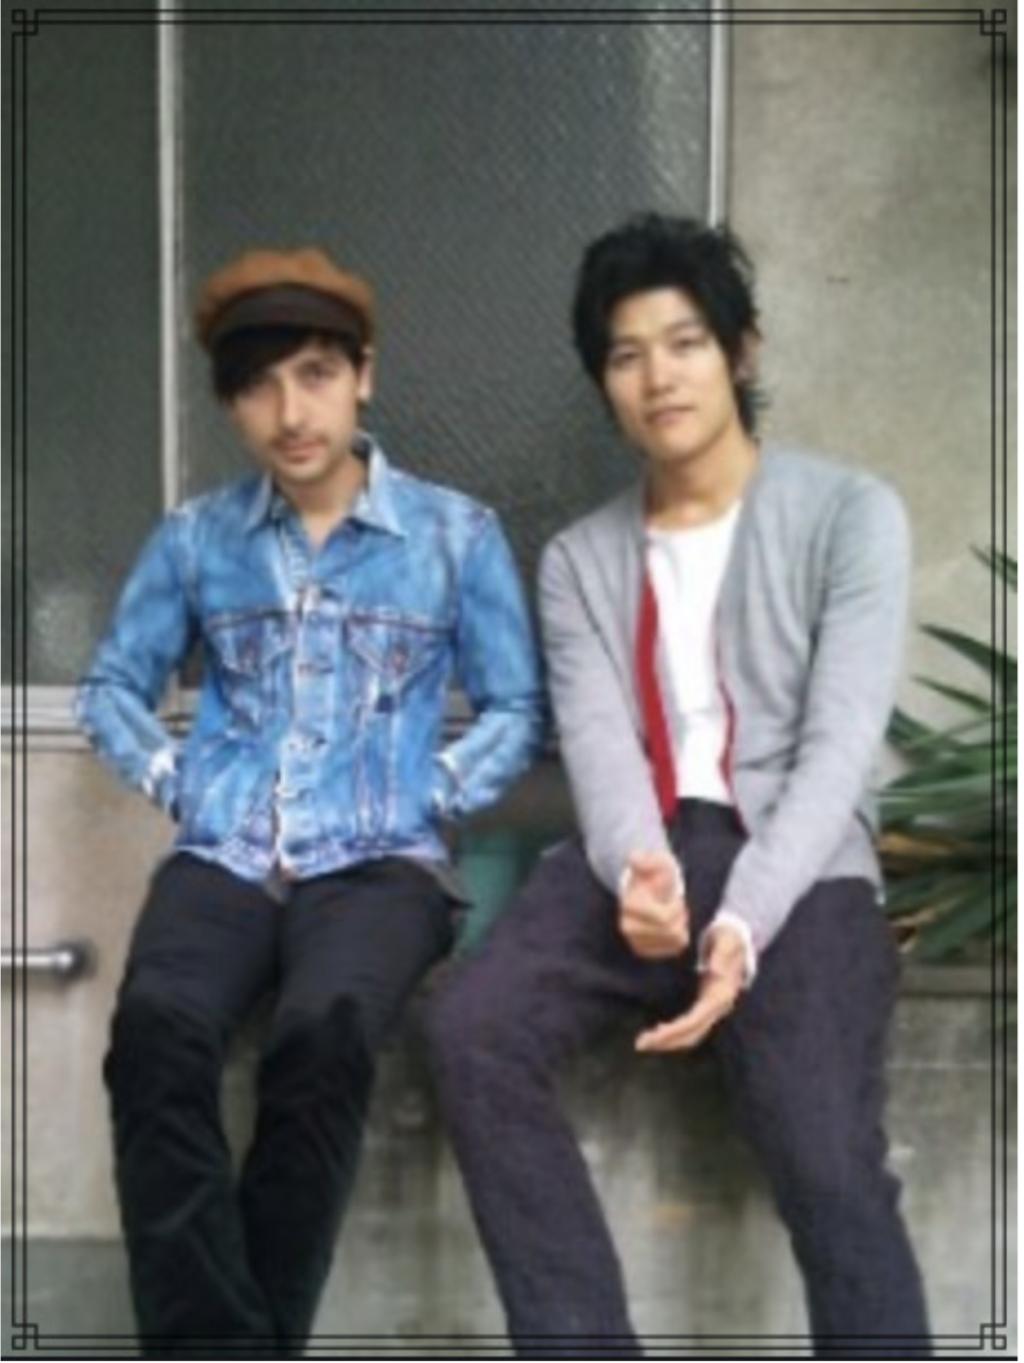 鈴木亮平さんとミカエルさんの画像